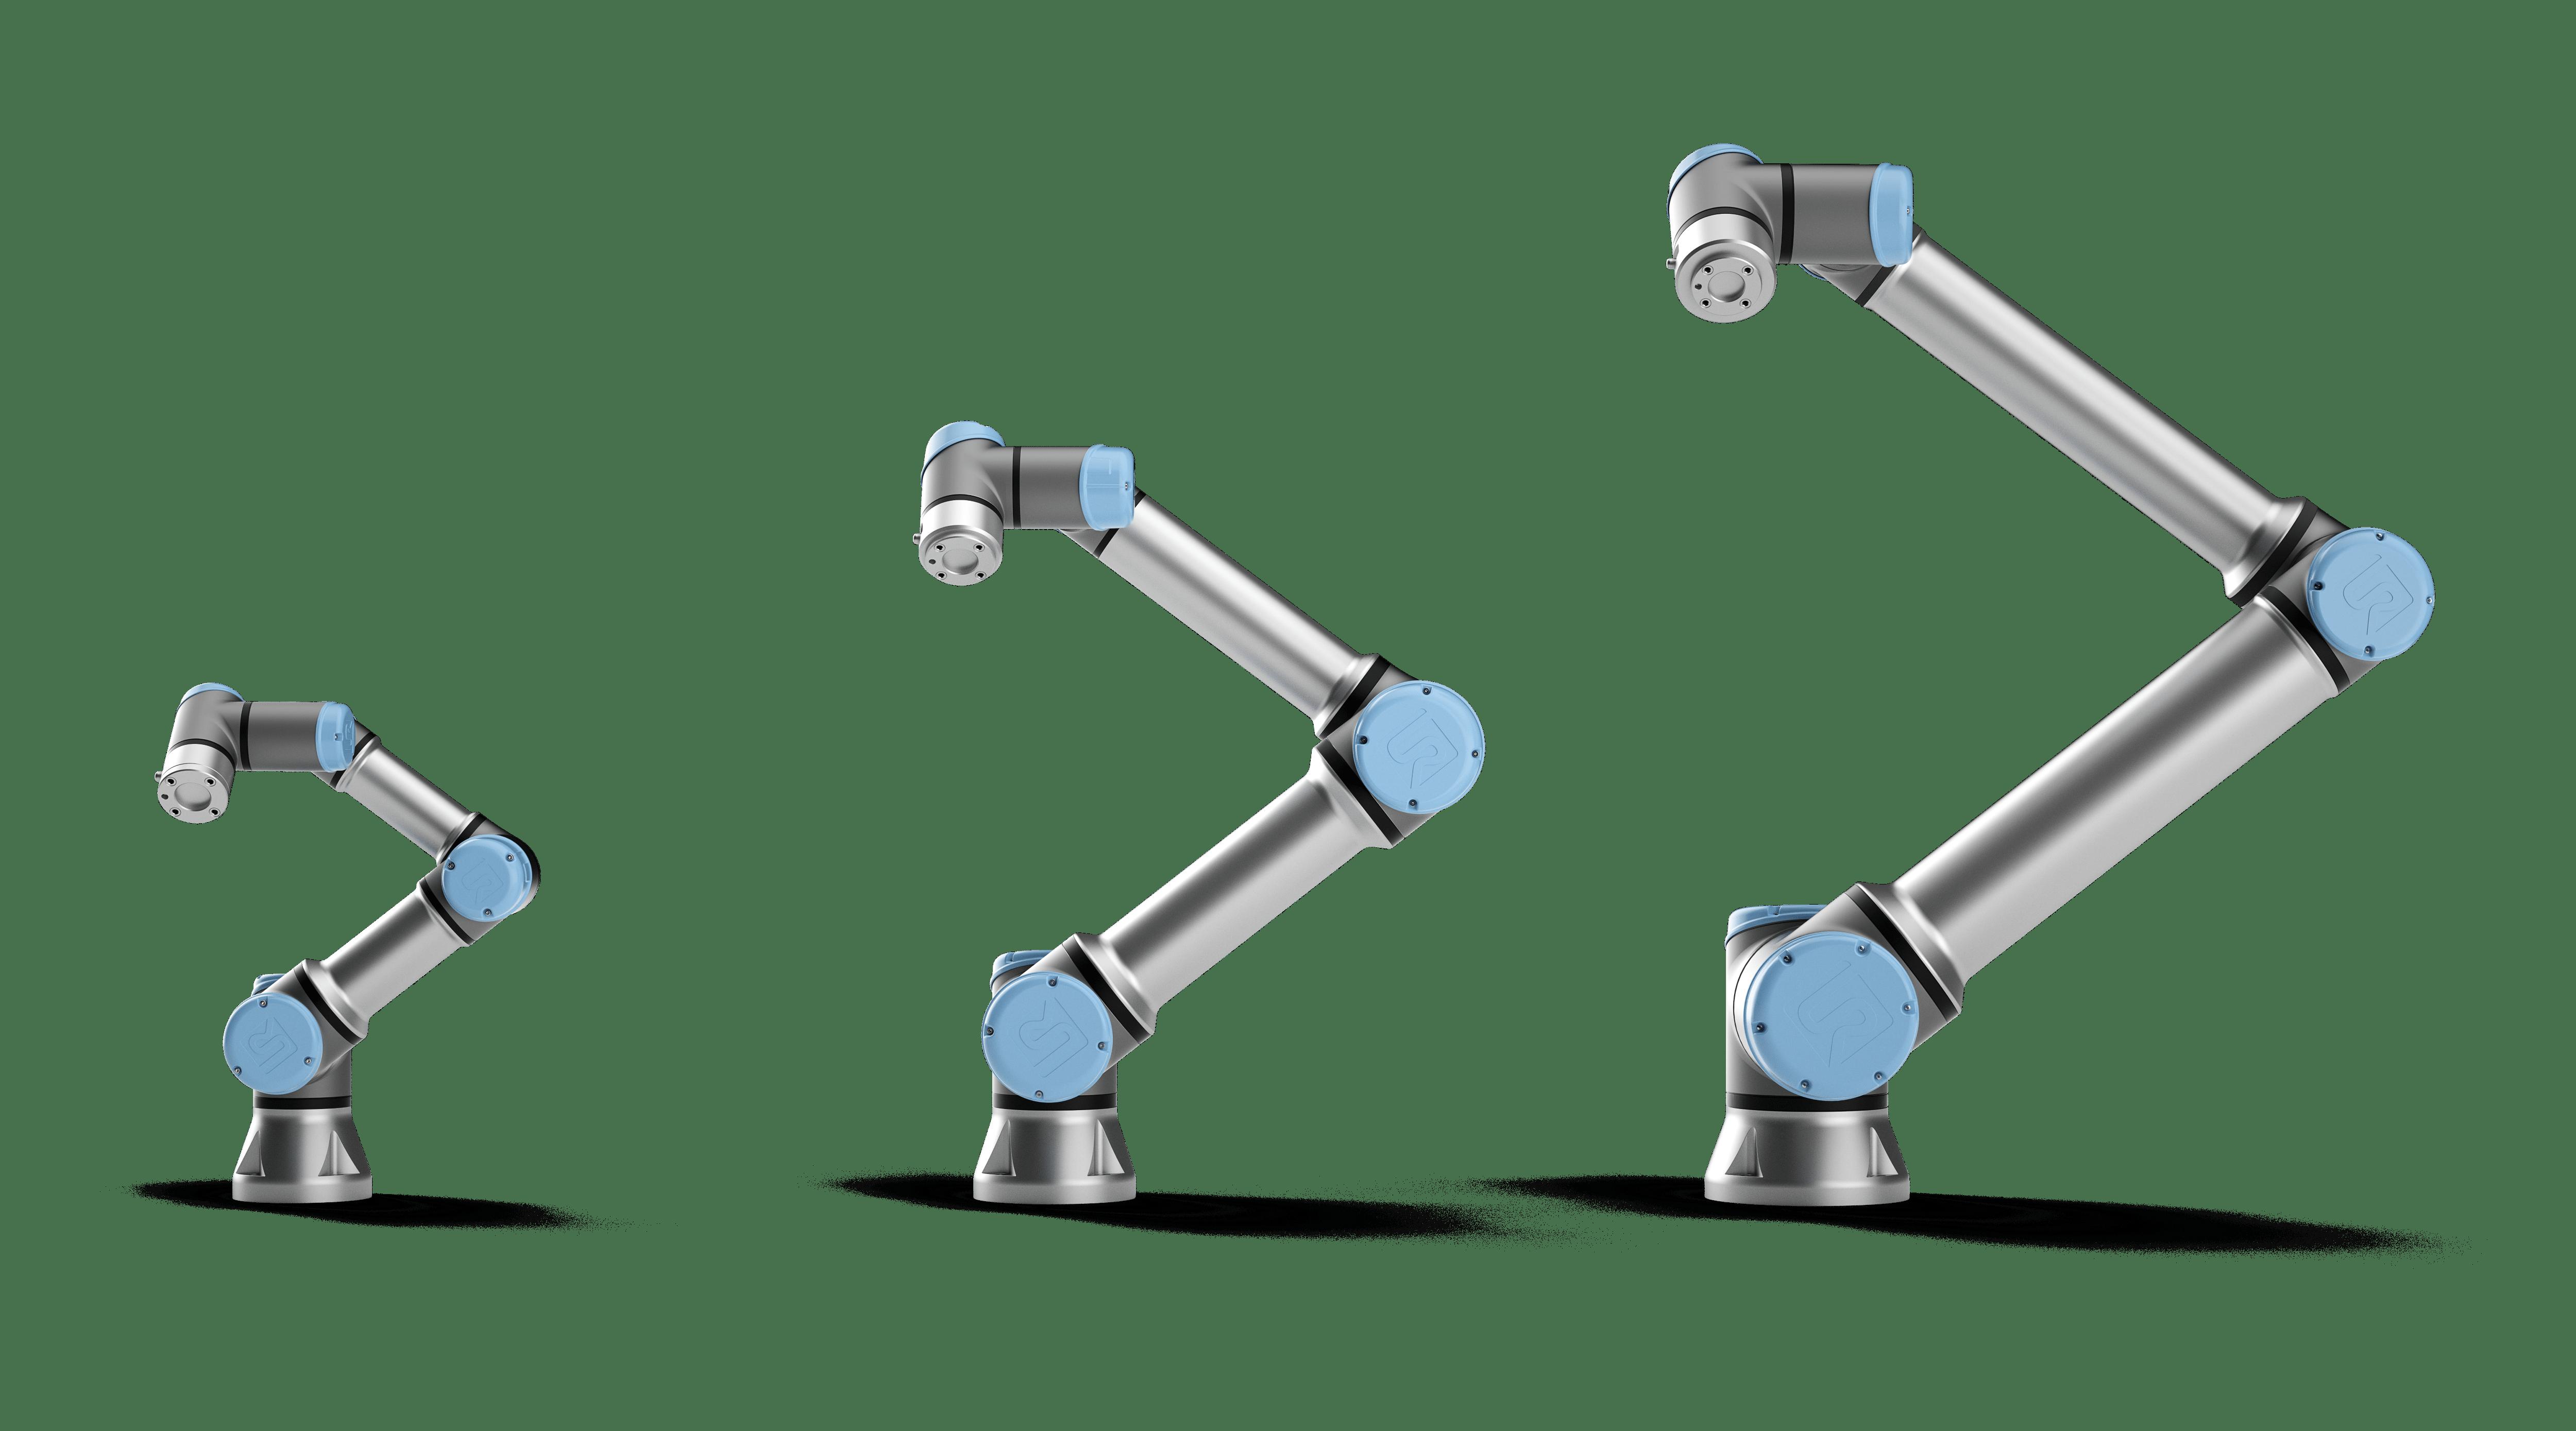 Nouveaux robots E-Series d'Universal Robots